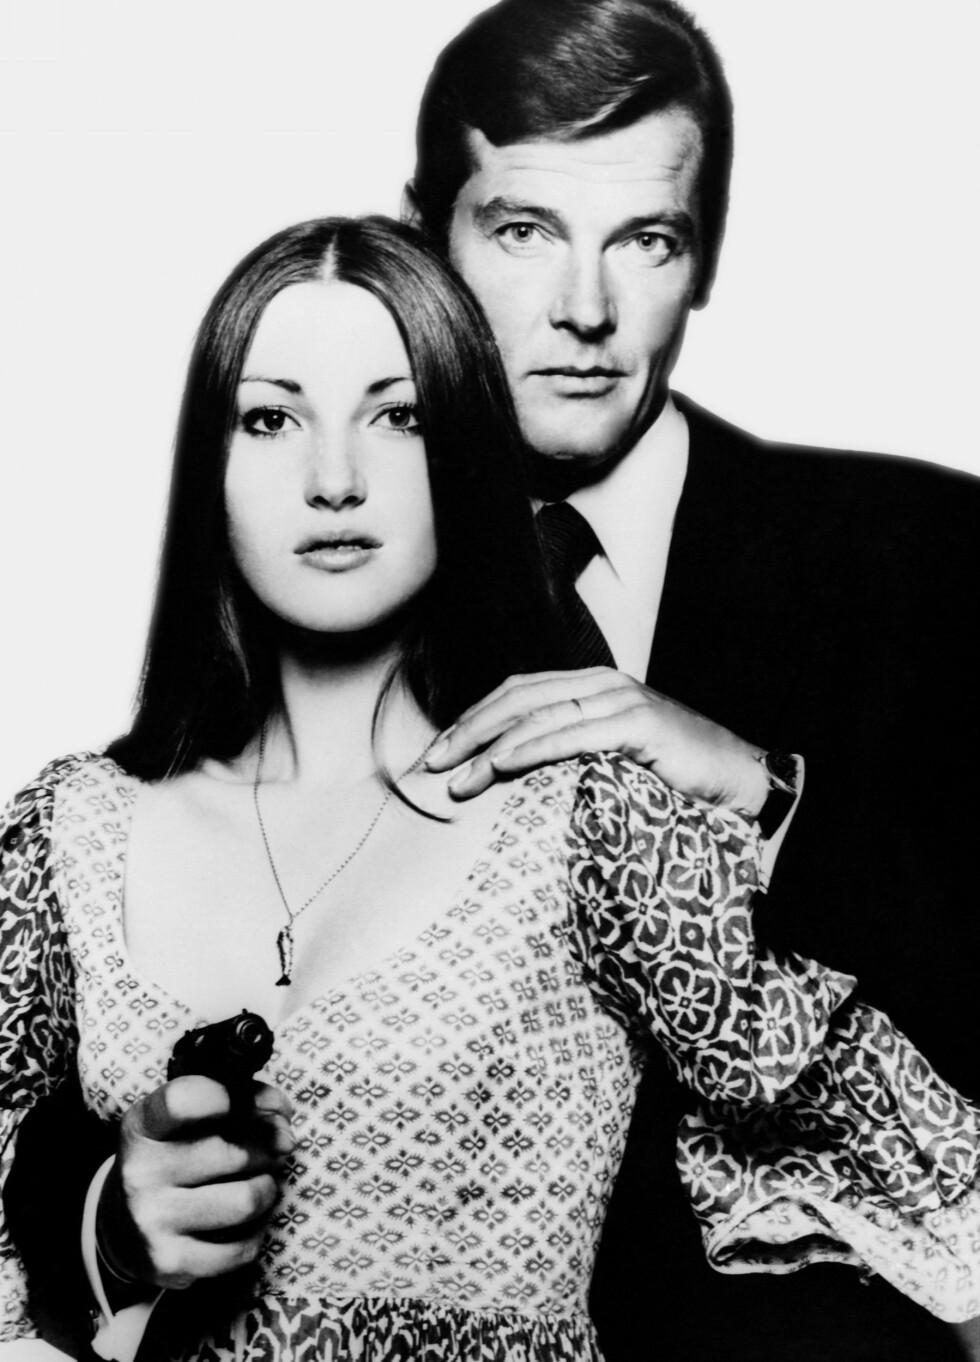 I James Bond-filmen Live and Let Die med Roger Moore 1973. Foto: EON/UNITED ARTISTS / Album